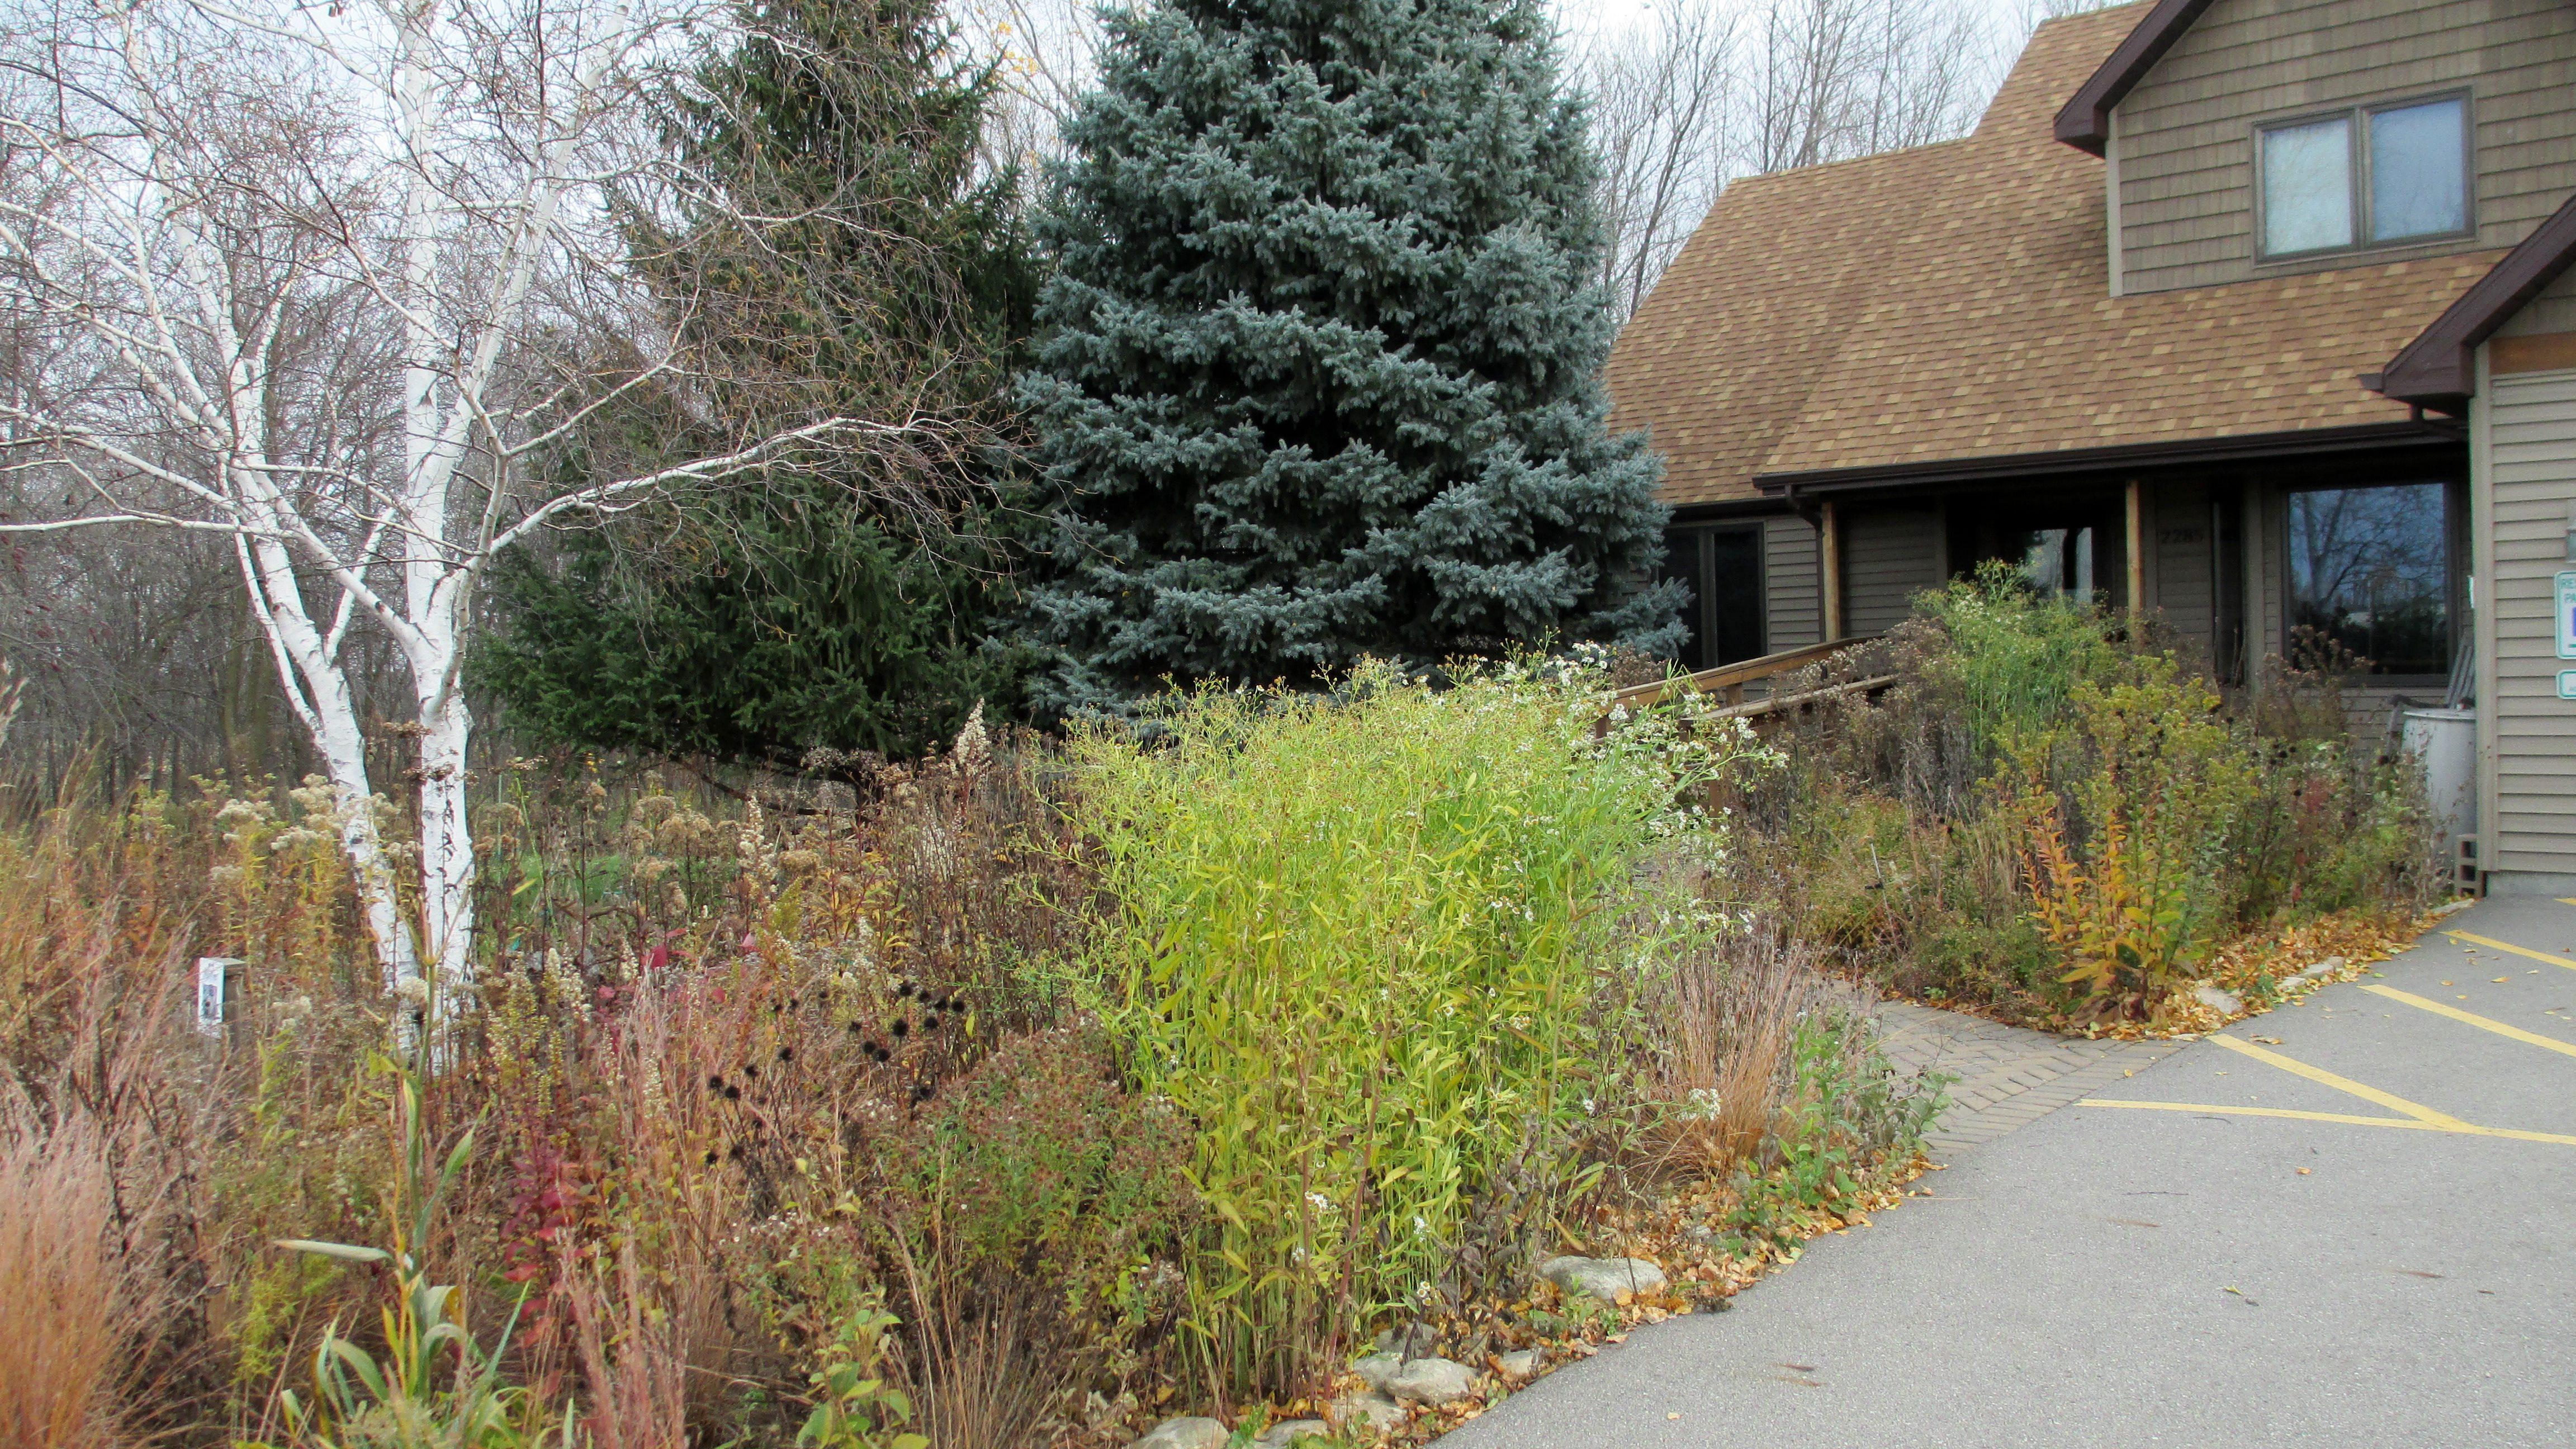 Fall Rain Garden At The Entrance To The WILD Center.